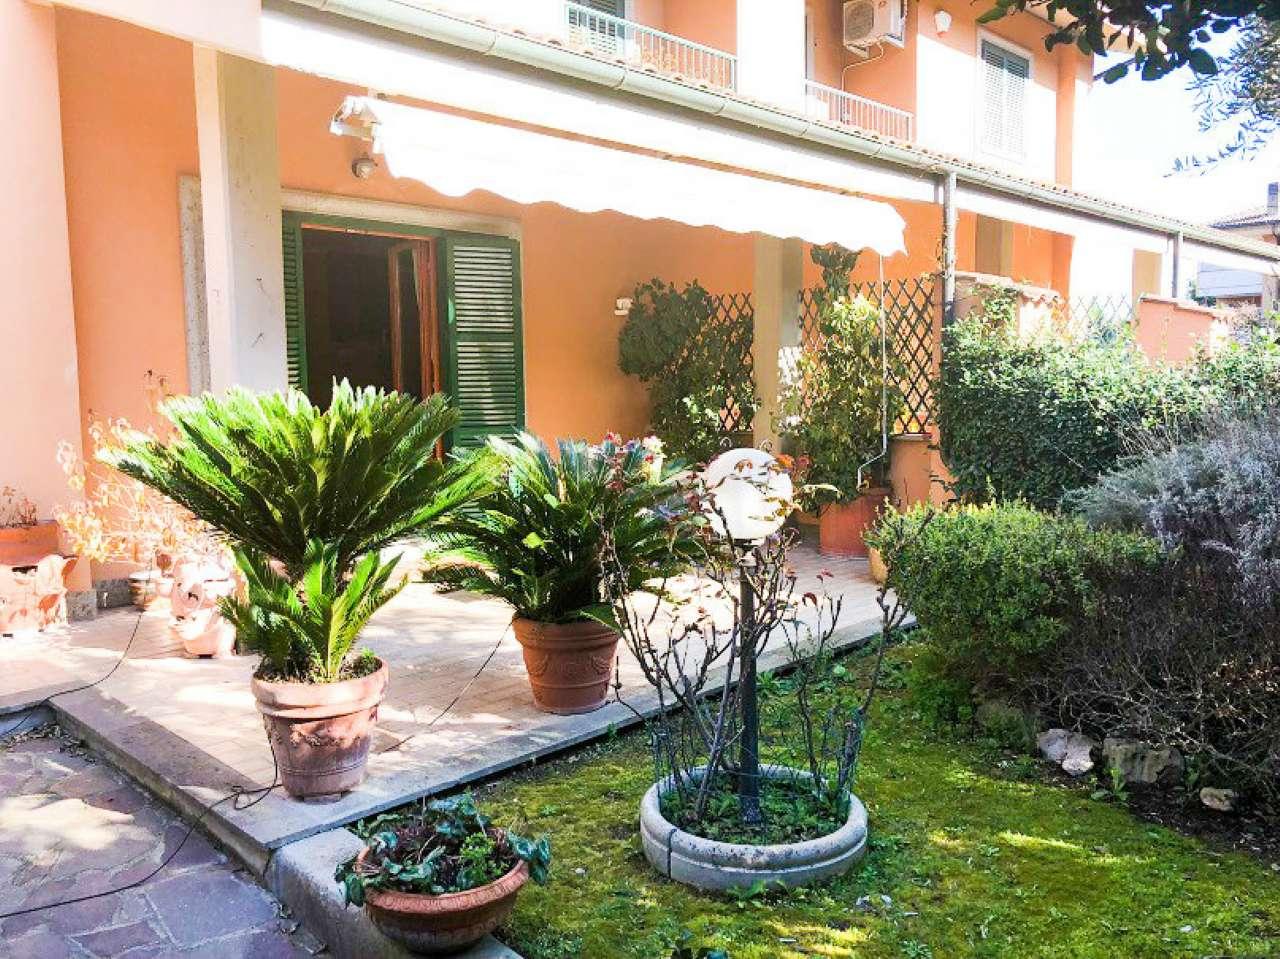 Villa bifamiliare con giardino a roma for Ville in vendita appia antica